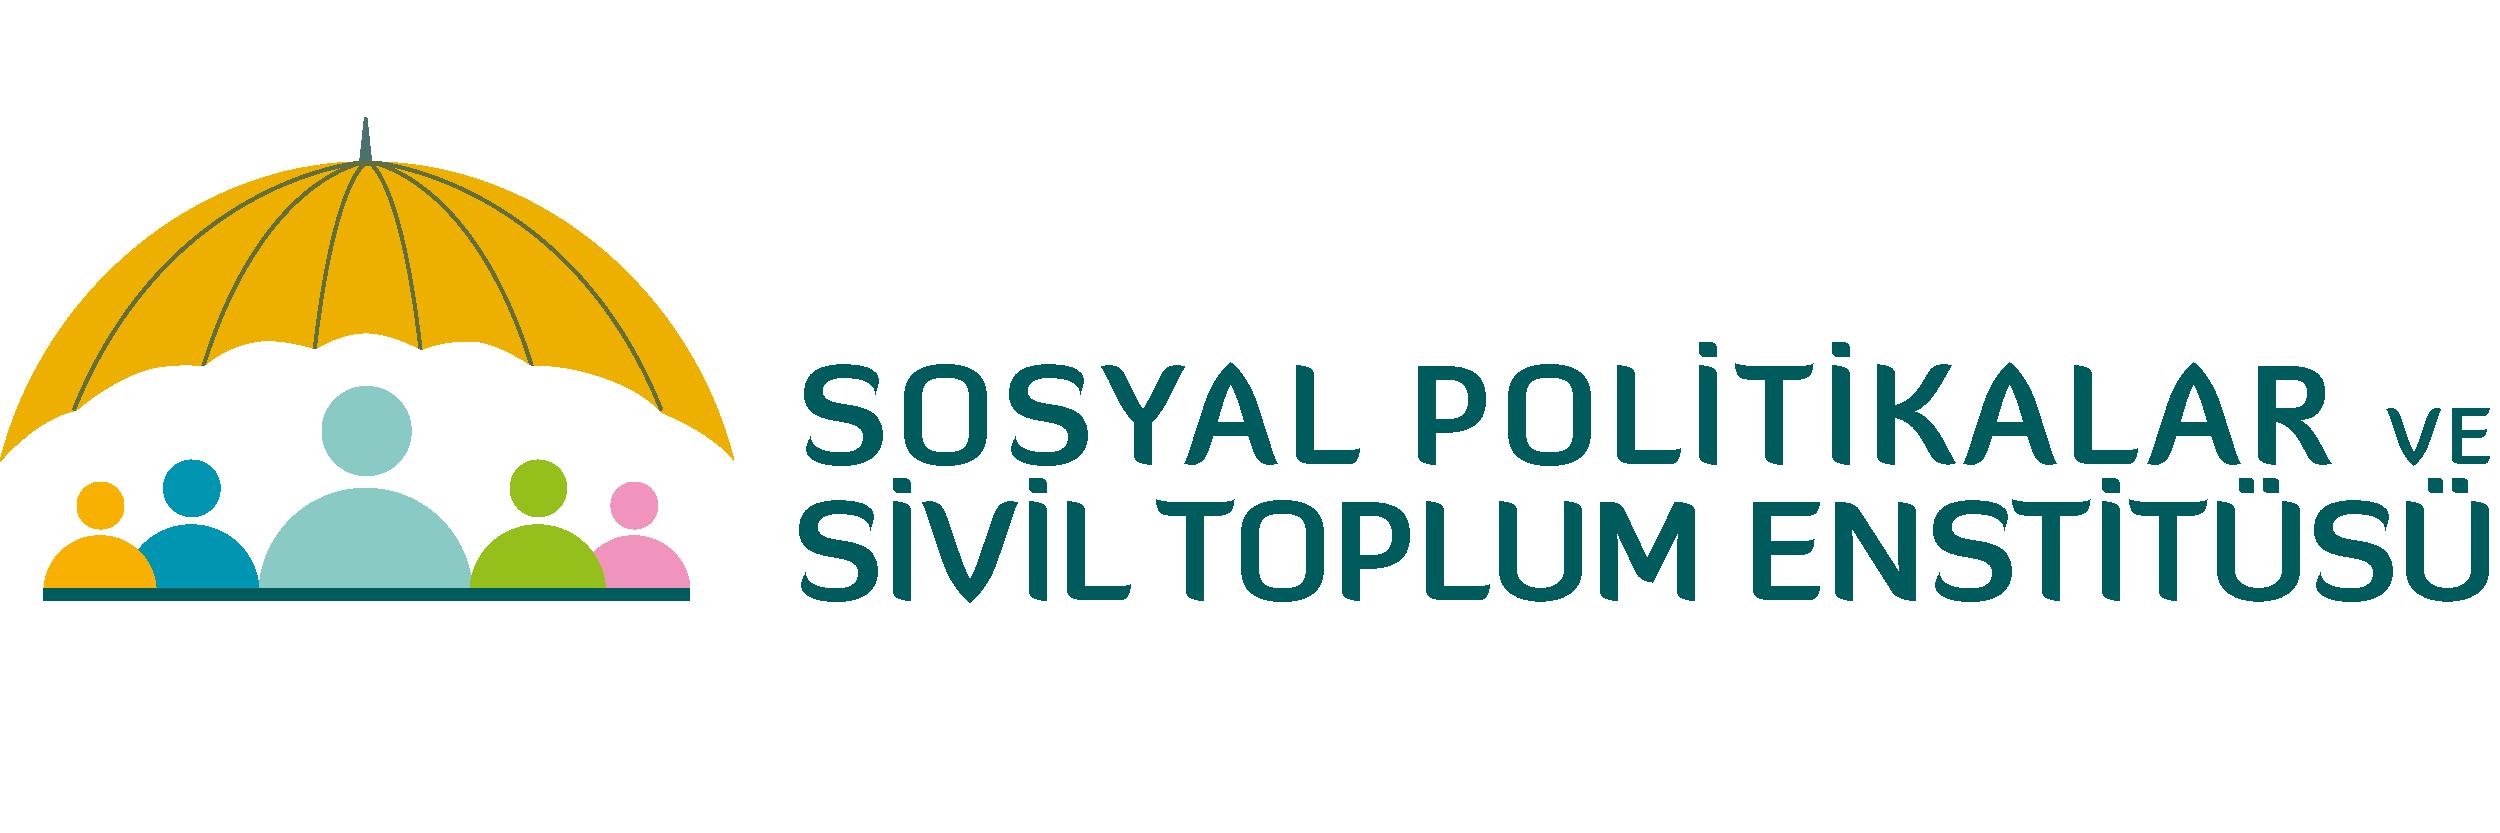 Sosyal Politikalar ve Sivil Toplum Enstitüsü